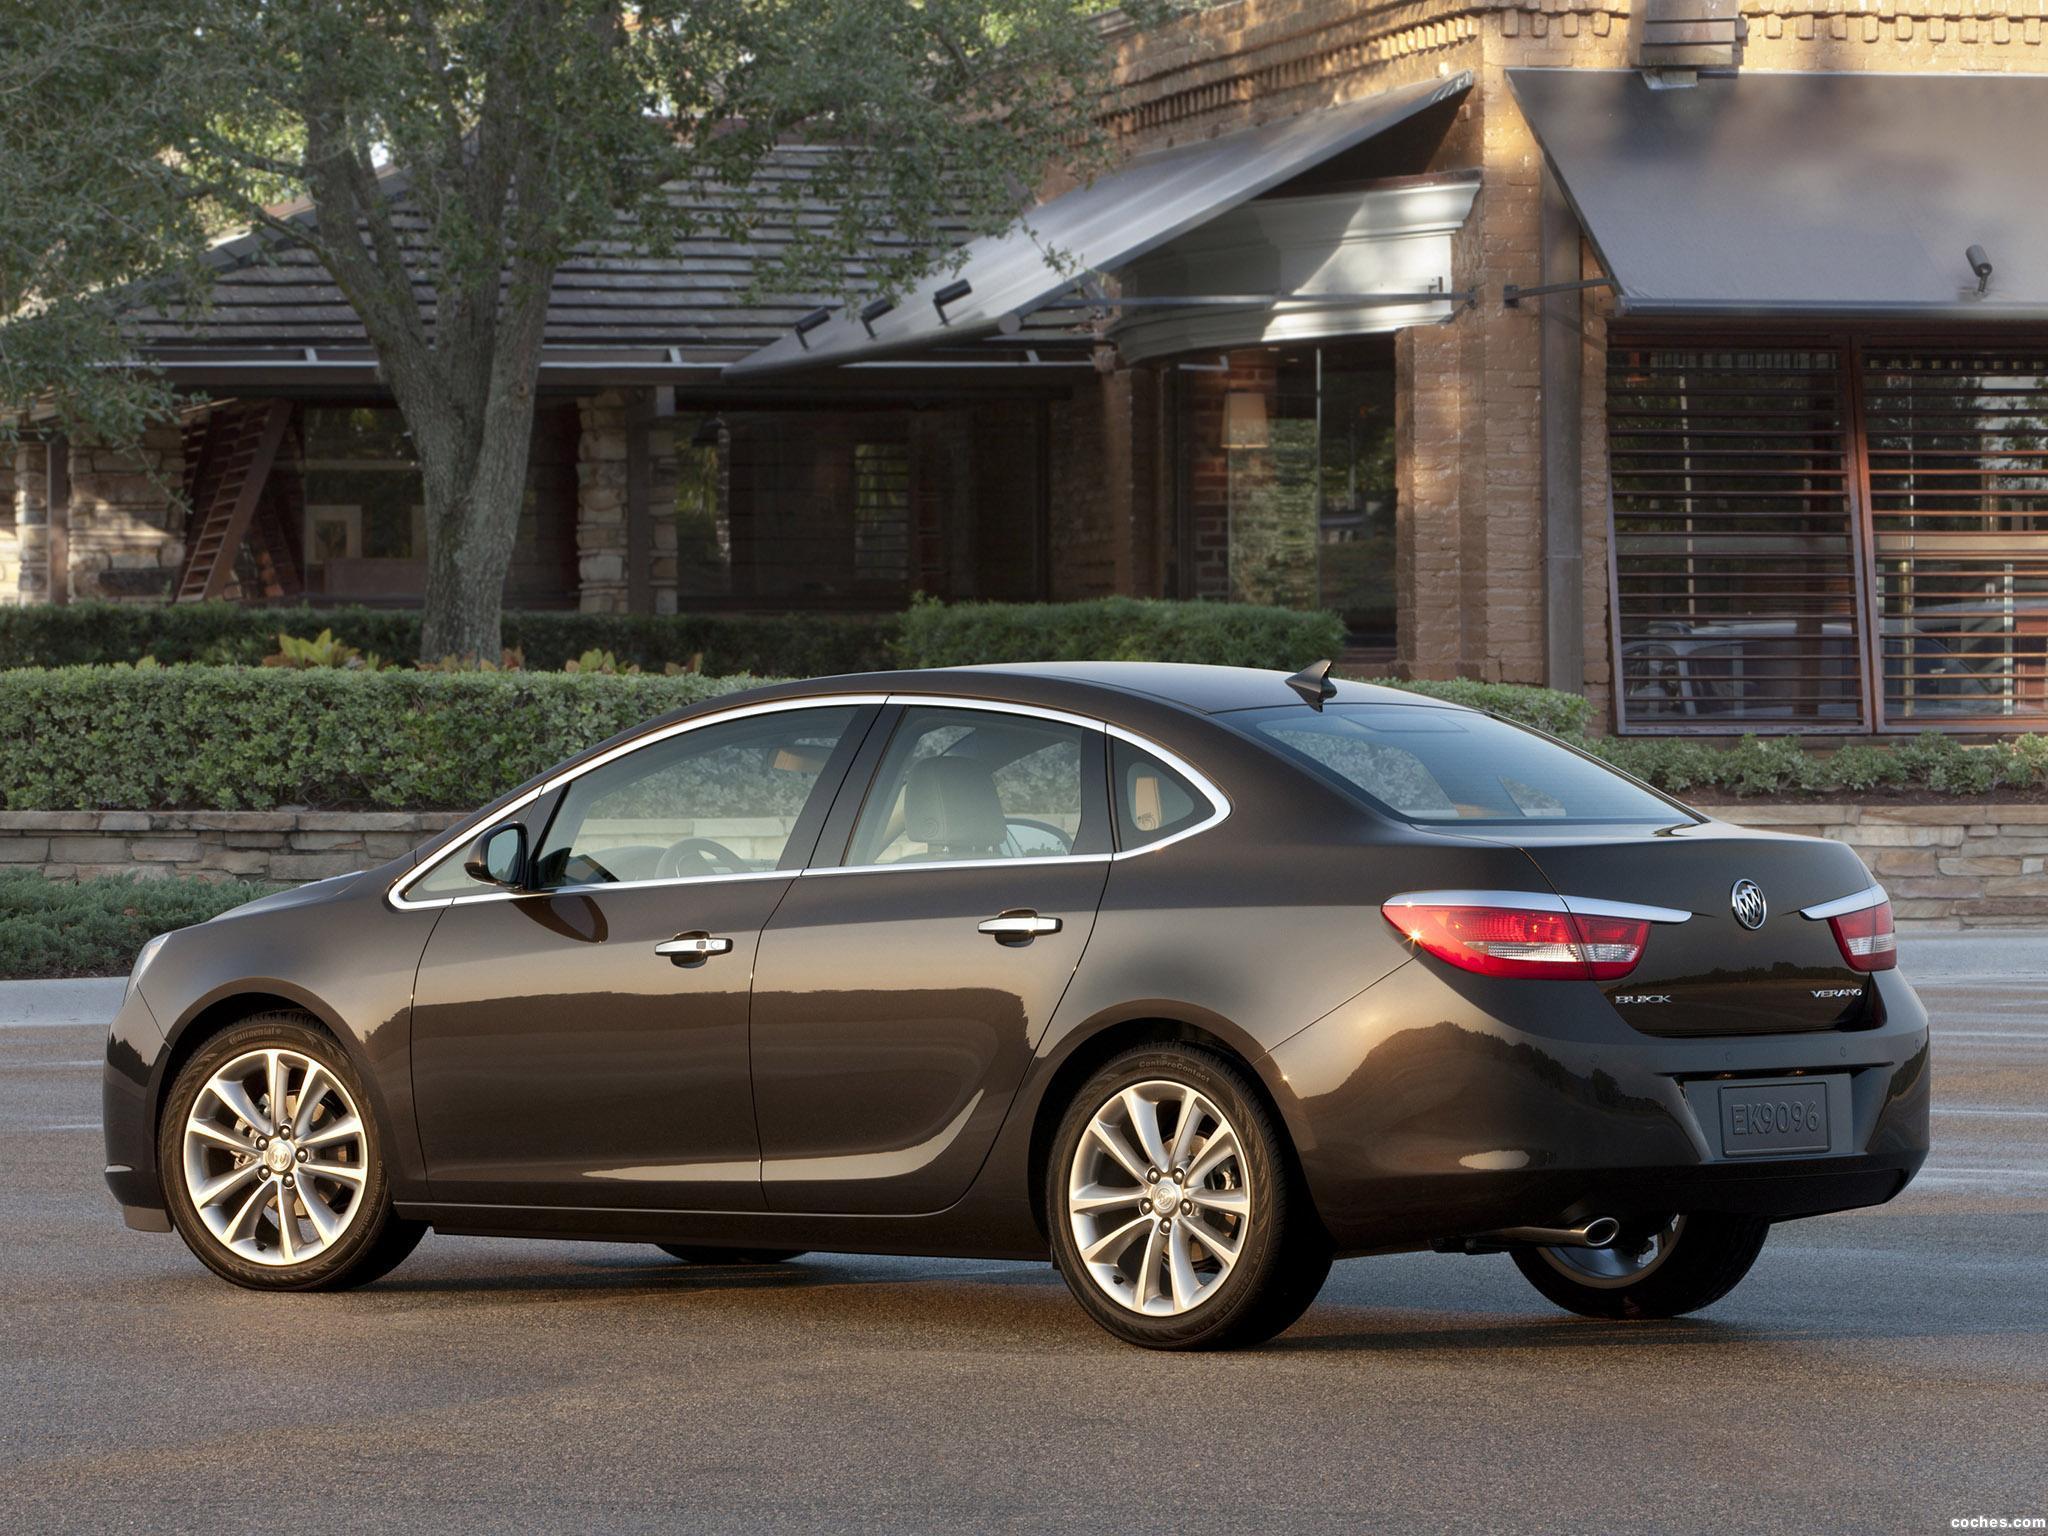 Foto 2 de Buick Verano 2011